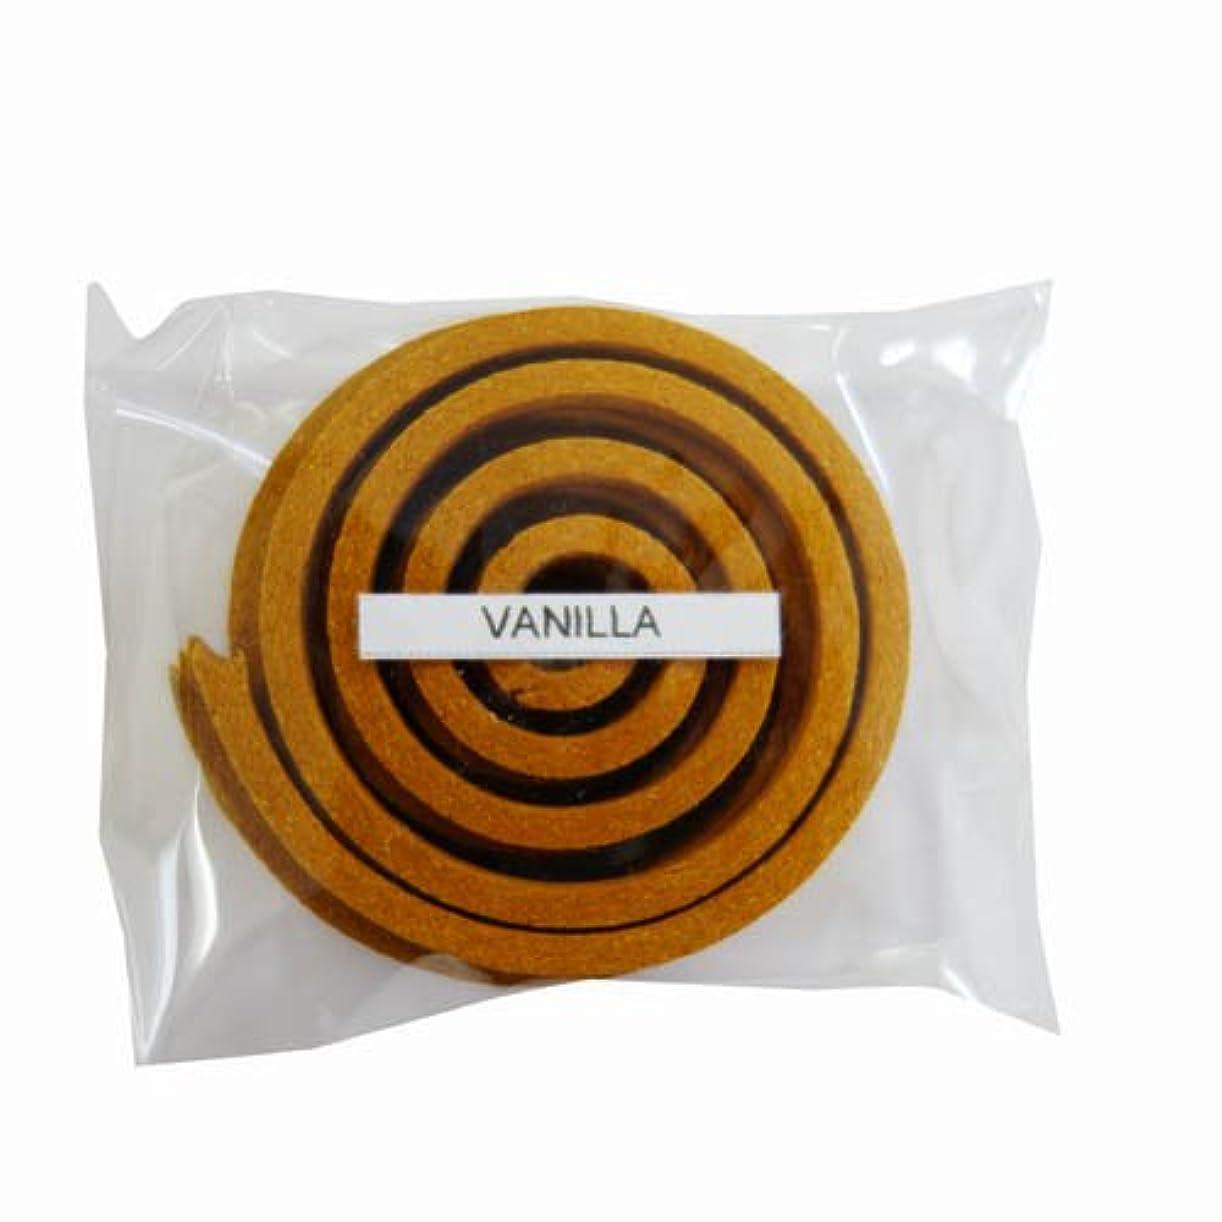 スコットランド人倒錯ふさわしいお香/うずまき香 VANILLA バニラ 直径5cm×5巻セット [並行輸入品]